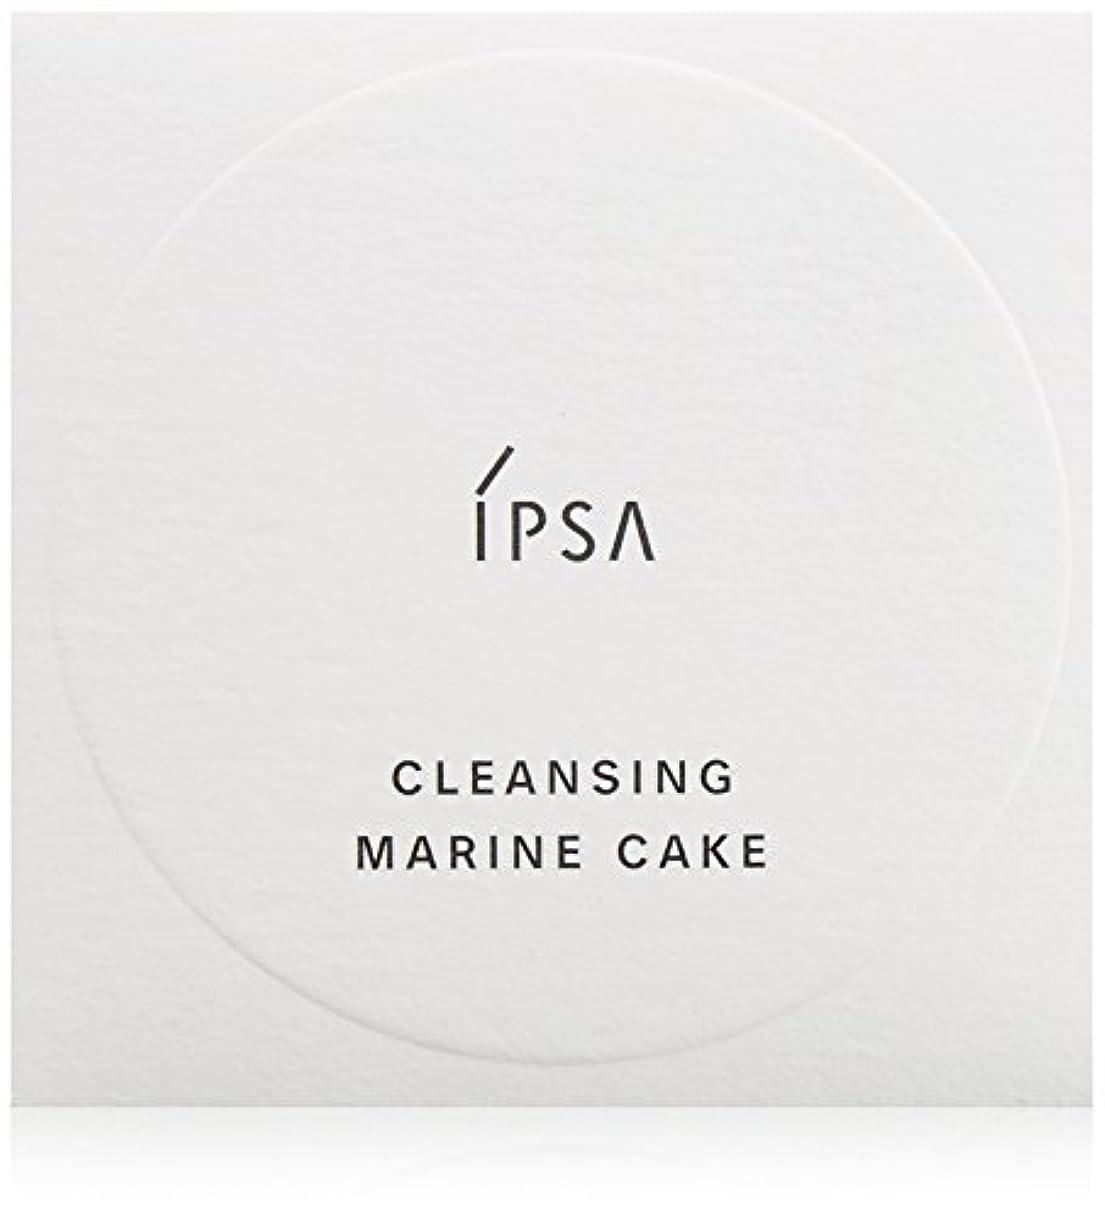 脳ソーセージ離れてイプサ(IPSA) クレンジング マリンケイク